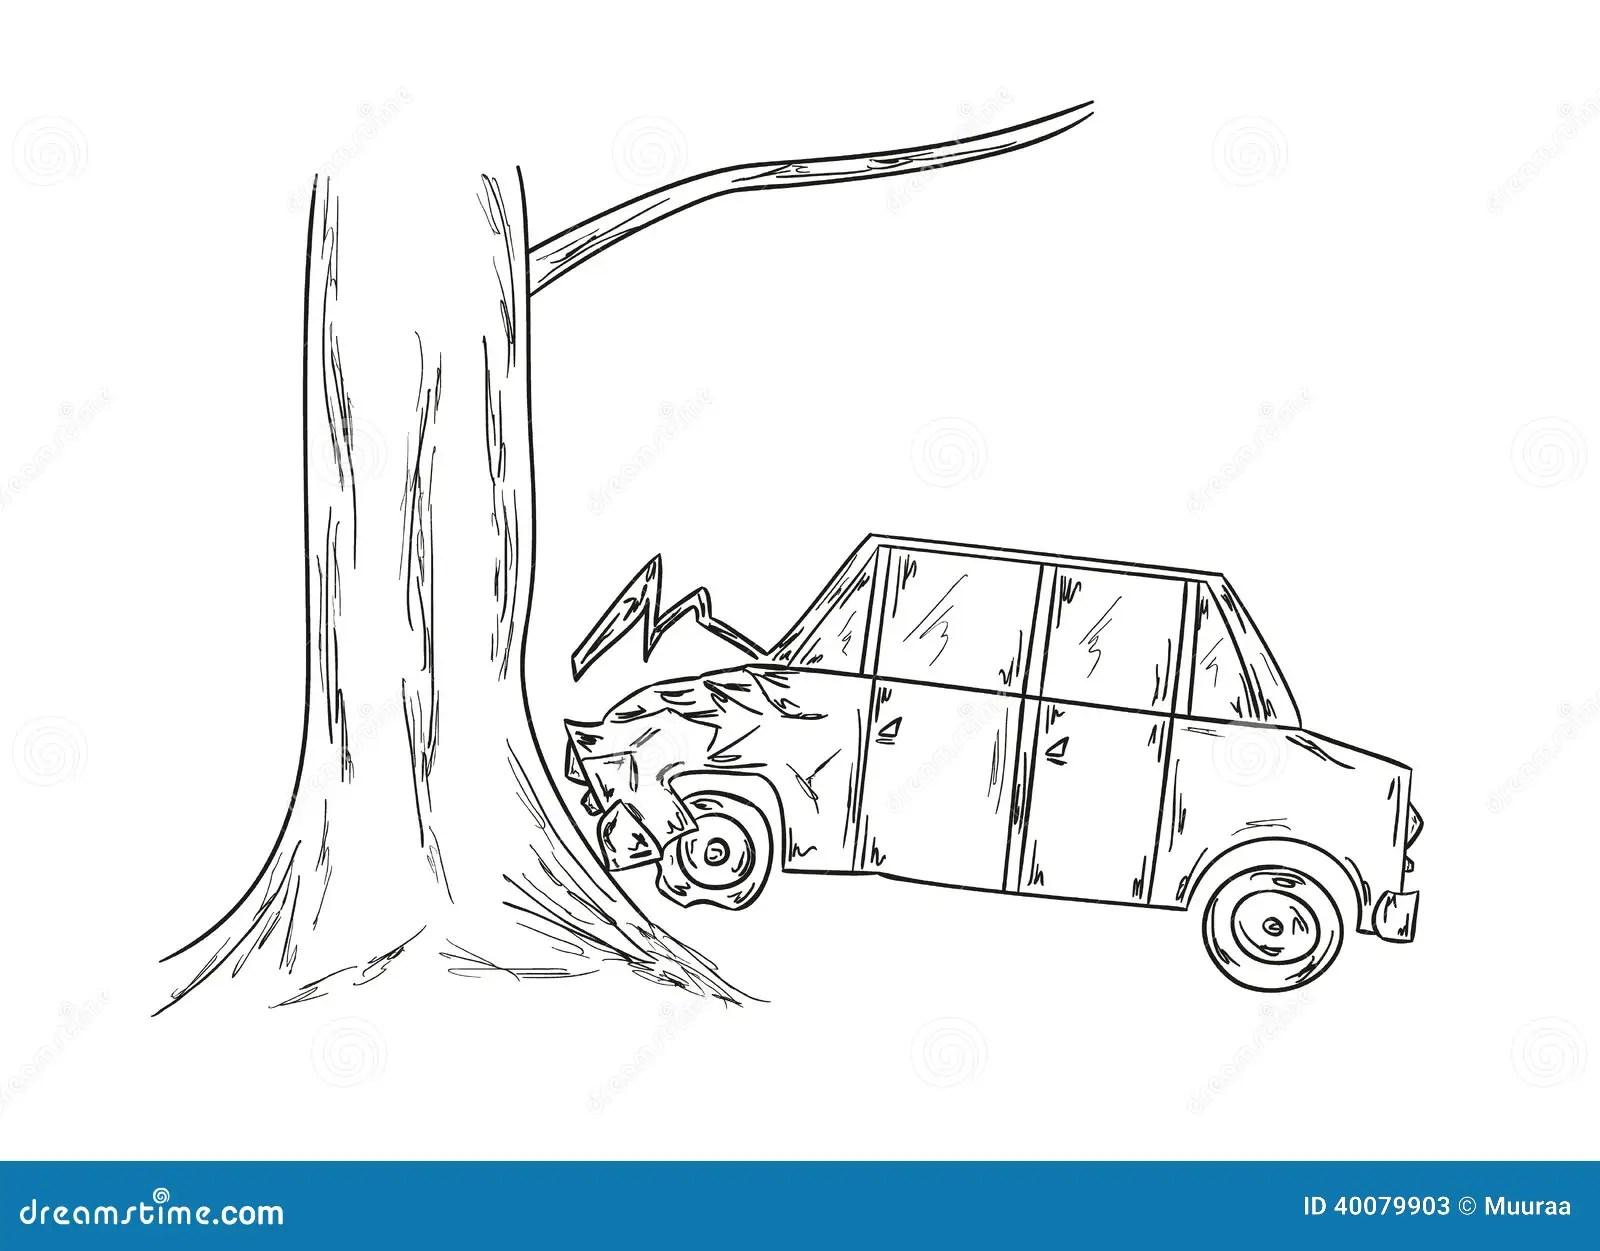 Croquis D Accident De Voiture Illustration De Vecteur